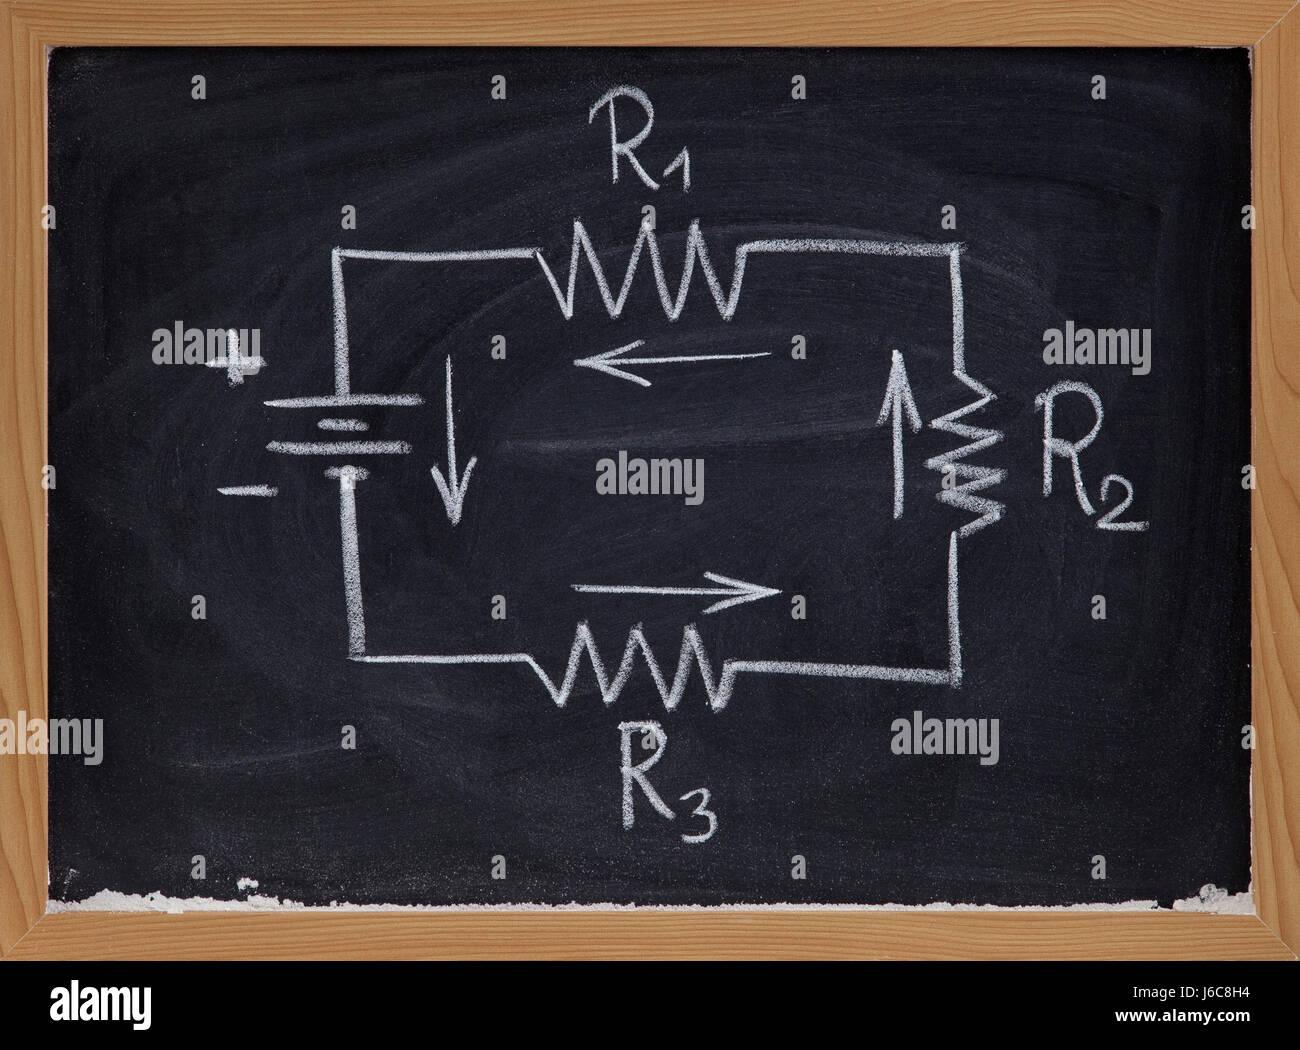 elektrische aktuelle Batterie Schaltung schematische schwarze ...